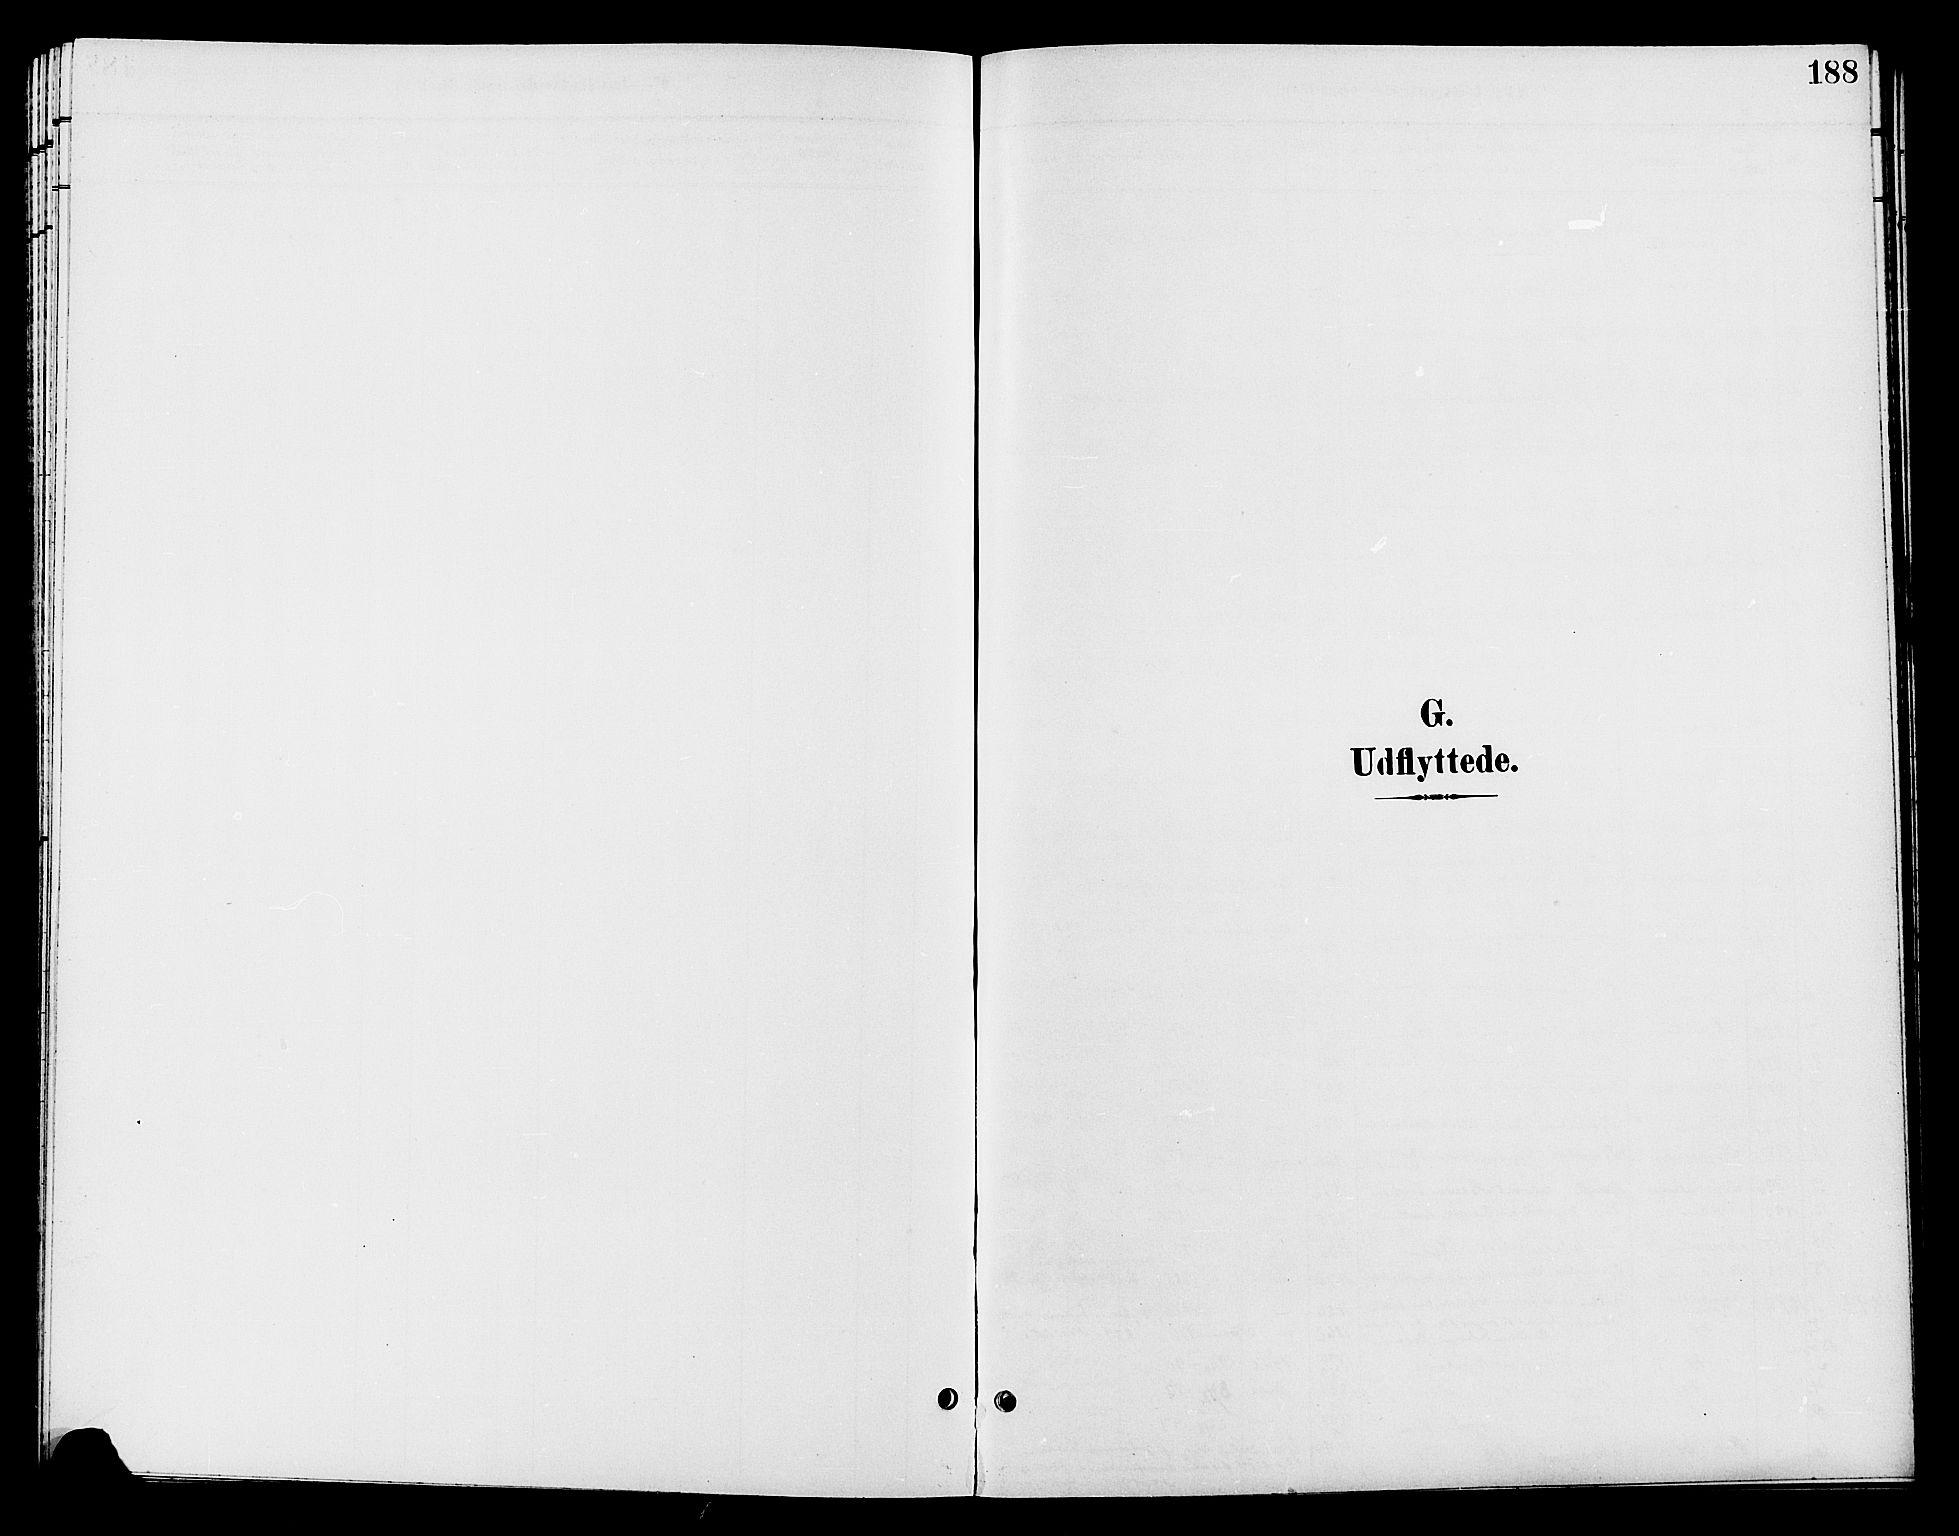 SAH, Jevnaker prestekontor, Klokkerbok nr. 3, 1896-1909, s. 188